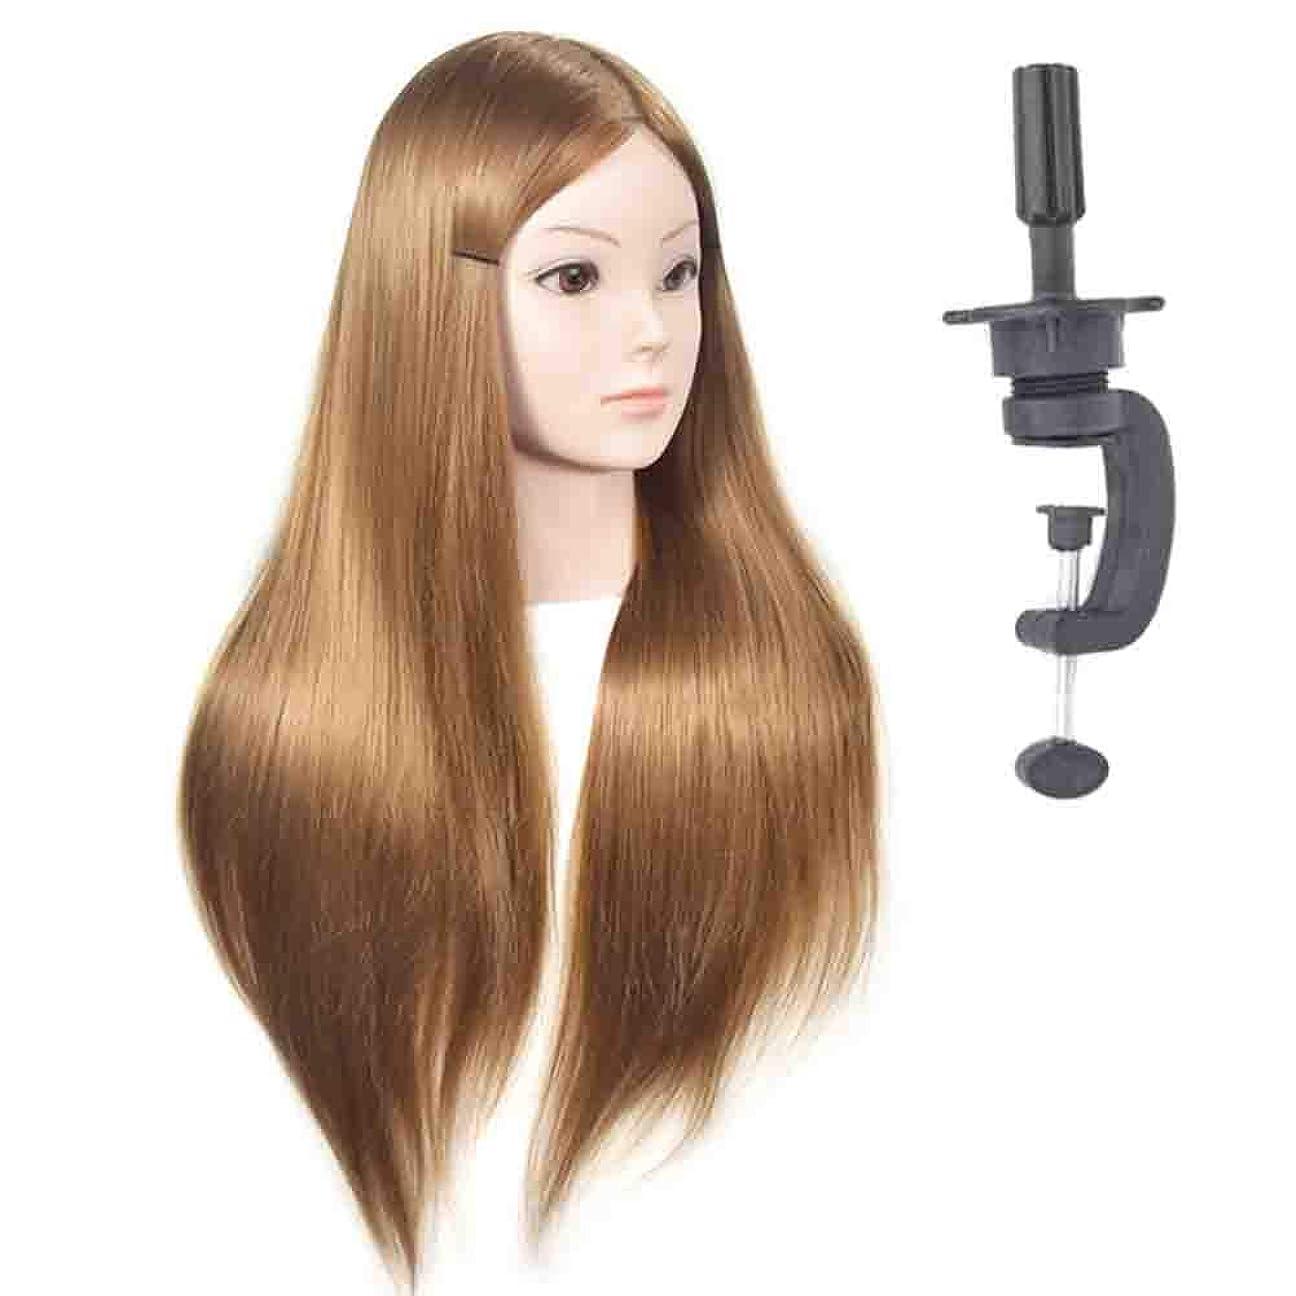 技術的な朝の体操をする窓ゴールデンプラクティスマネキンヘッドブライダルメイクスタイリングプラクティスダミーヘッドヘアサロン散髪指導ヘッドは染めることができます漂白